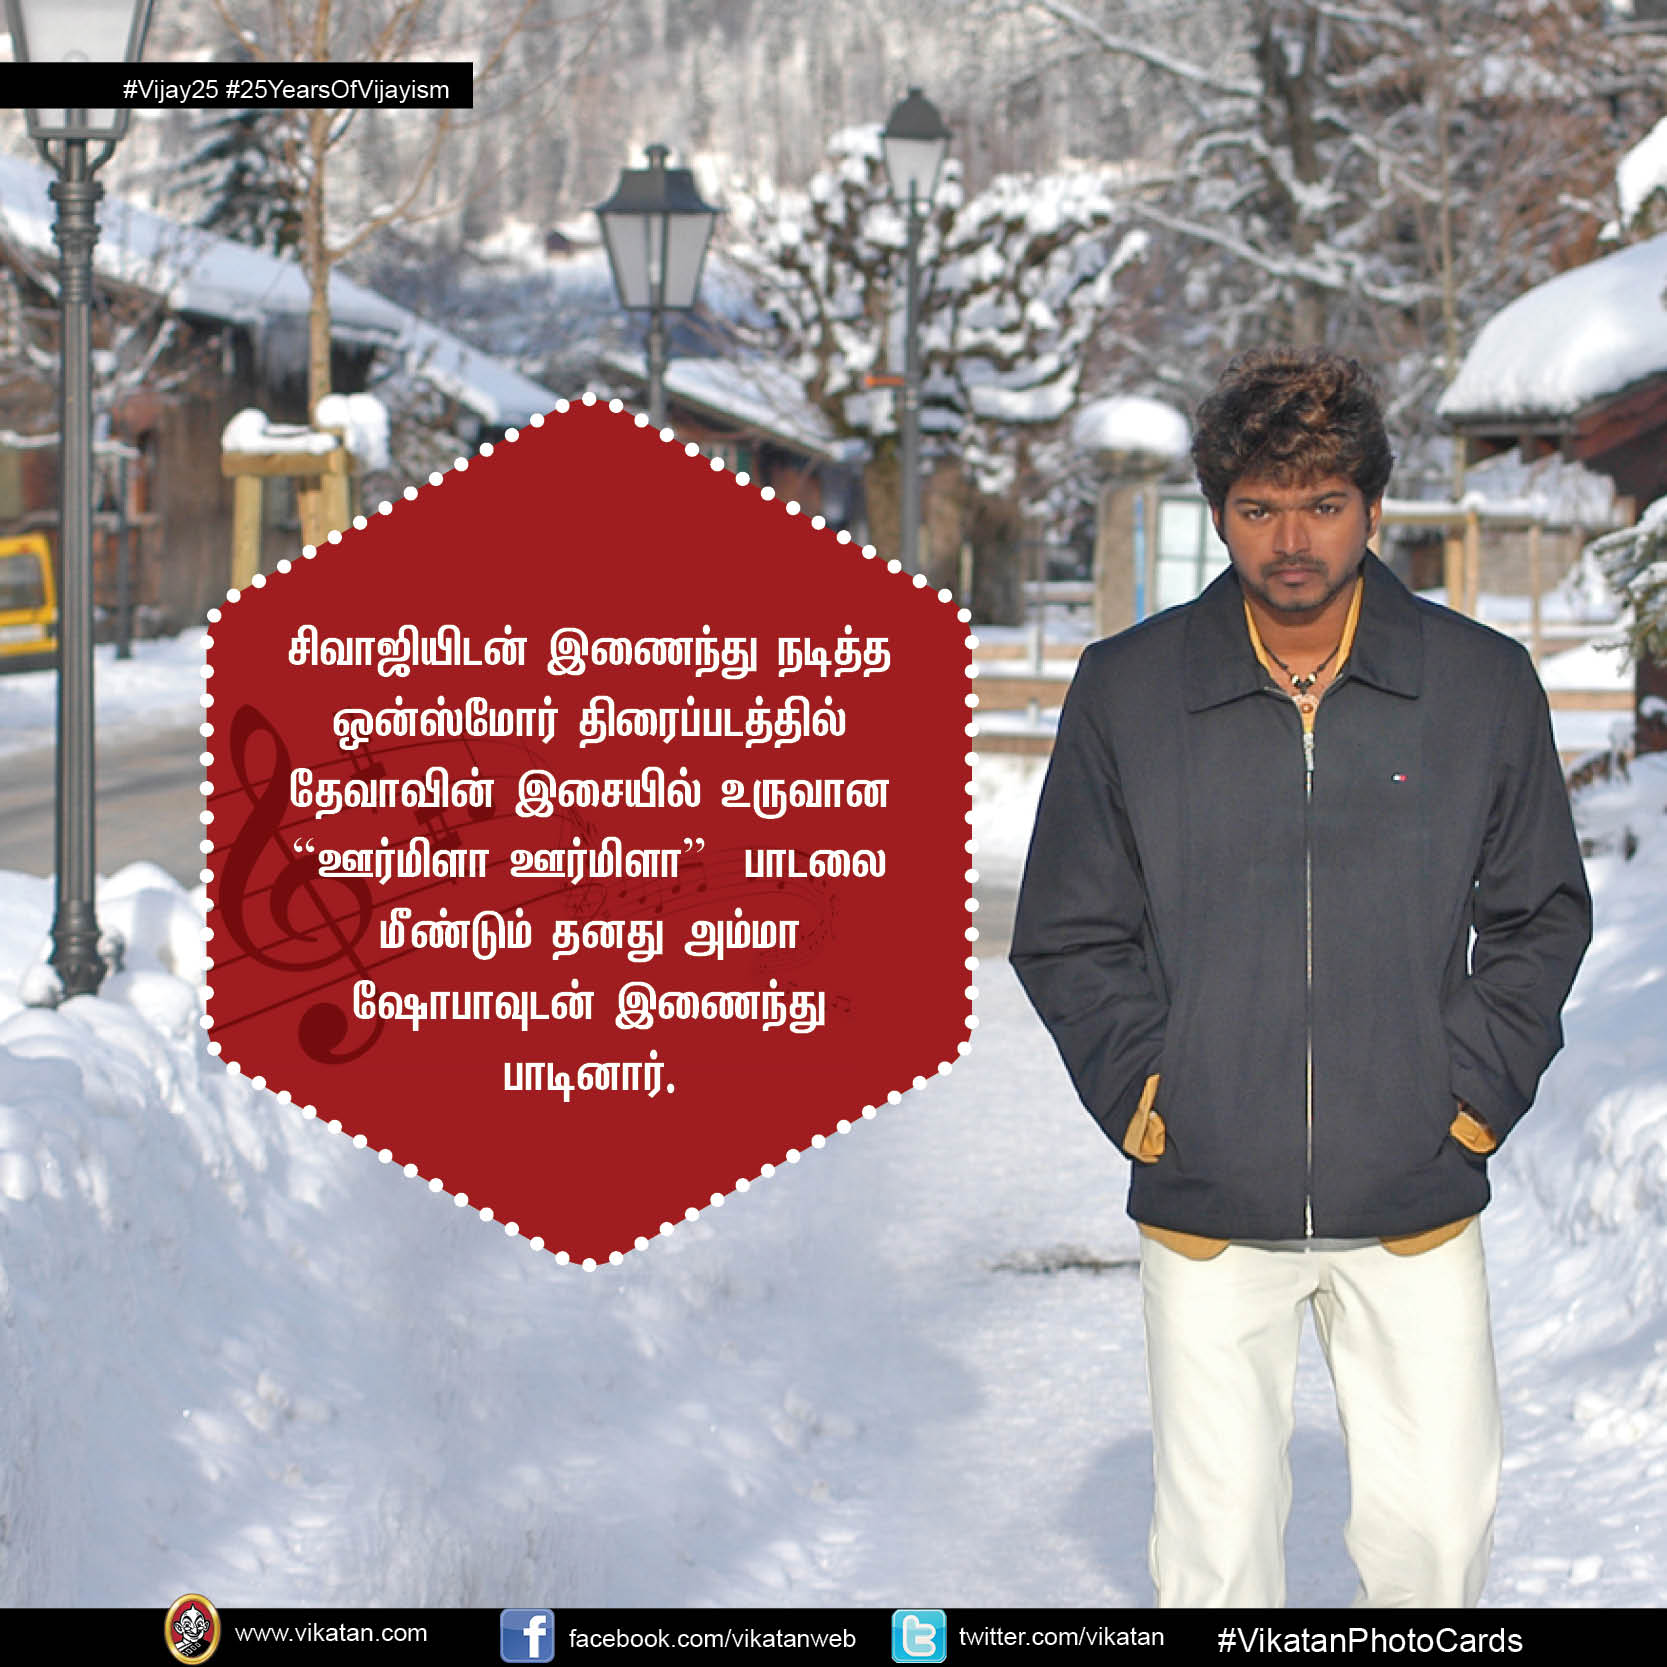 'ரசிகன்' முதல் 'பைரவா' வரை... விஜய் பாடிய பாடல்களின் தொகுப்பு..! ப.தினேஷ்குமார்    #Vijay25 #25YearsOfVijayism #VikatanPhotoCards